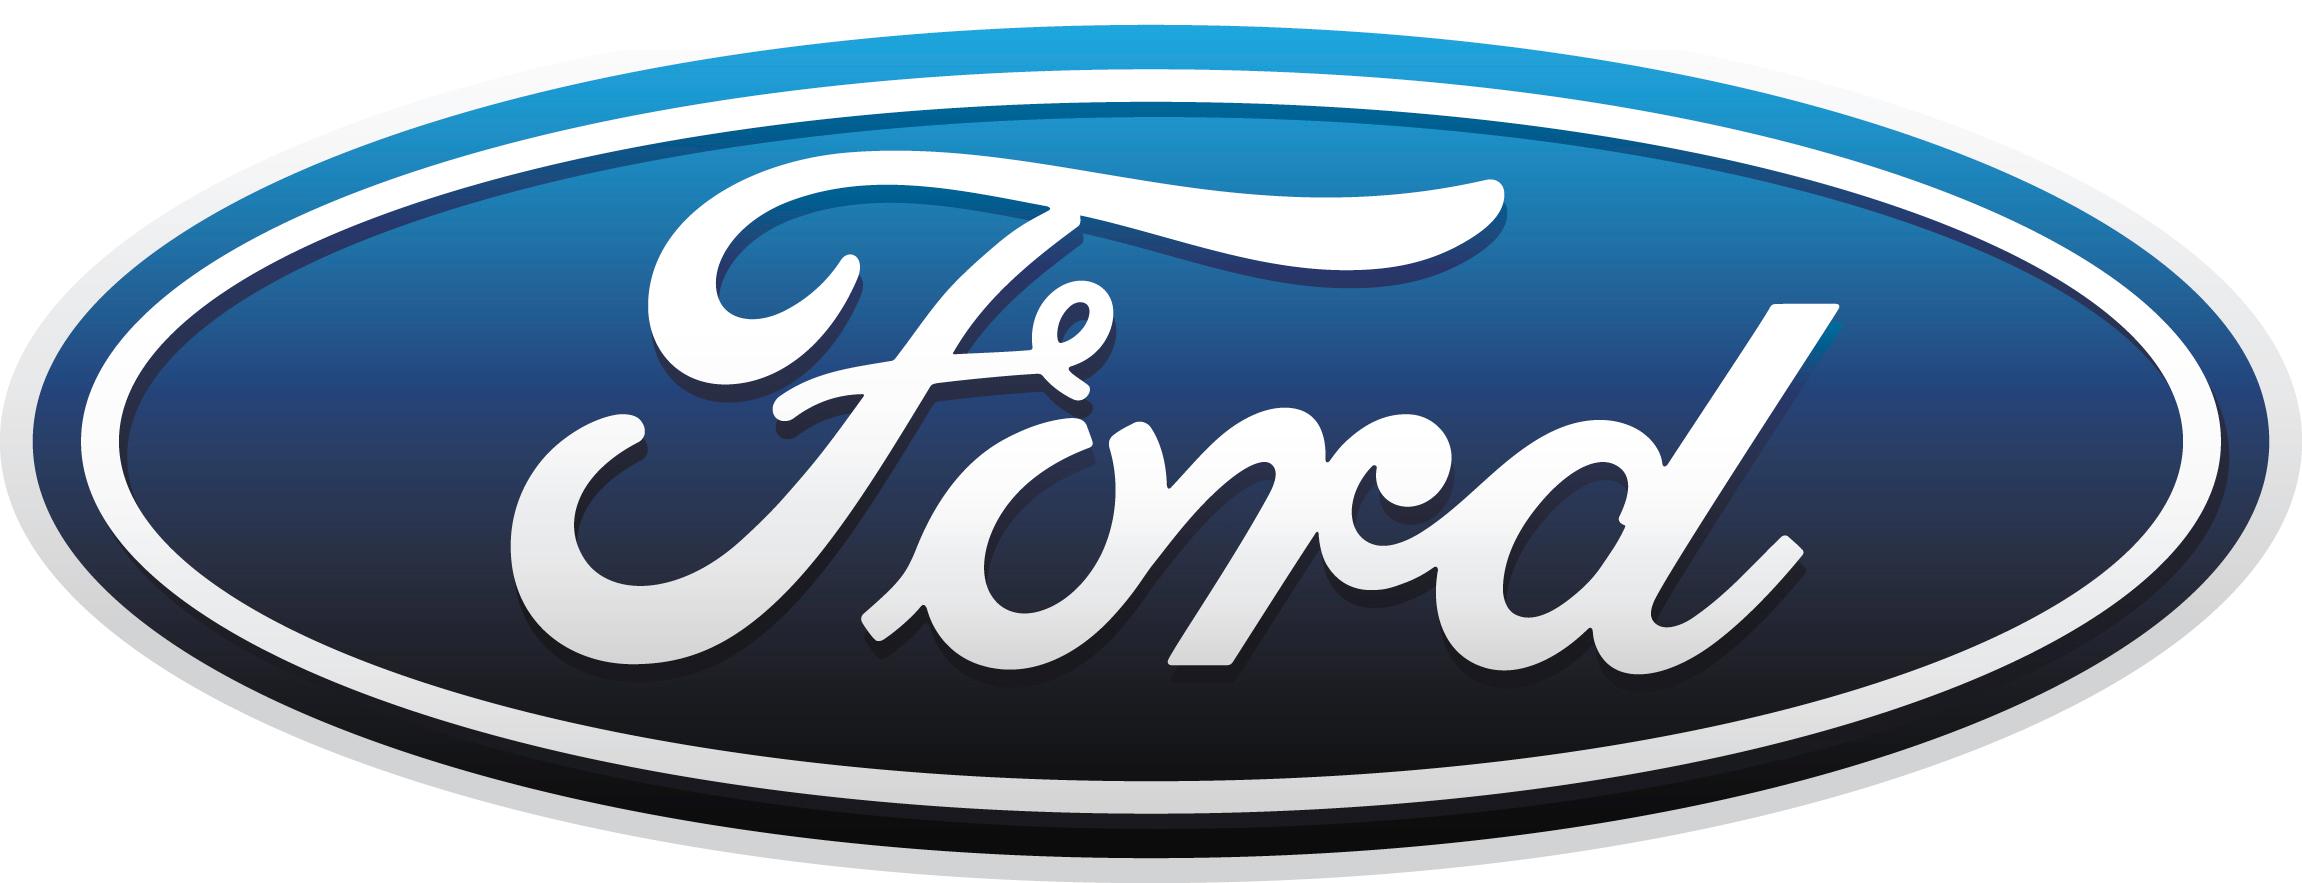 Ford car wash